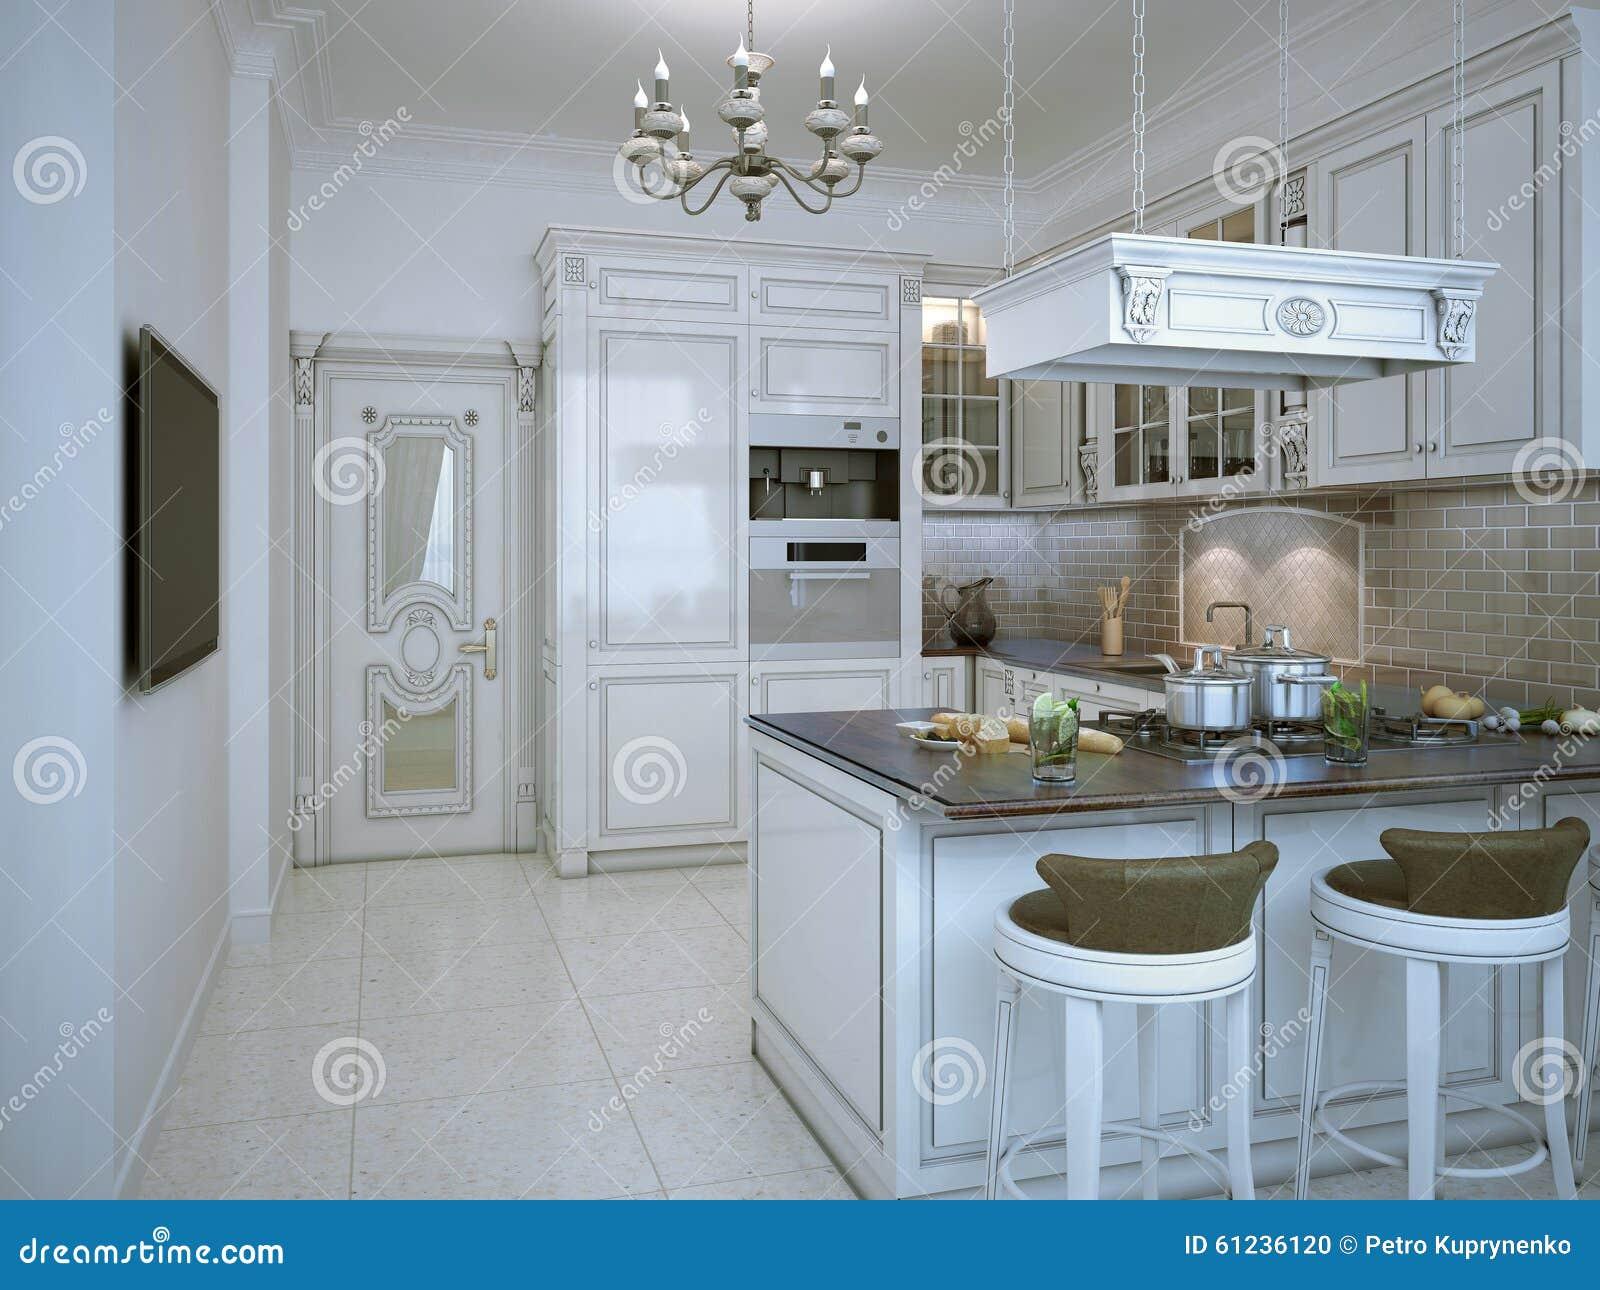 Stile lucido di art deco della cucina illustrazione di for Pavimento della cucina in stile artigiano